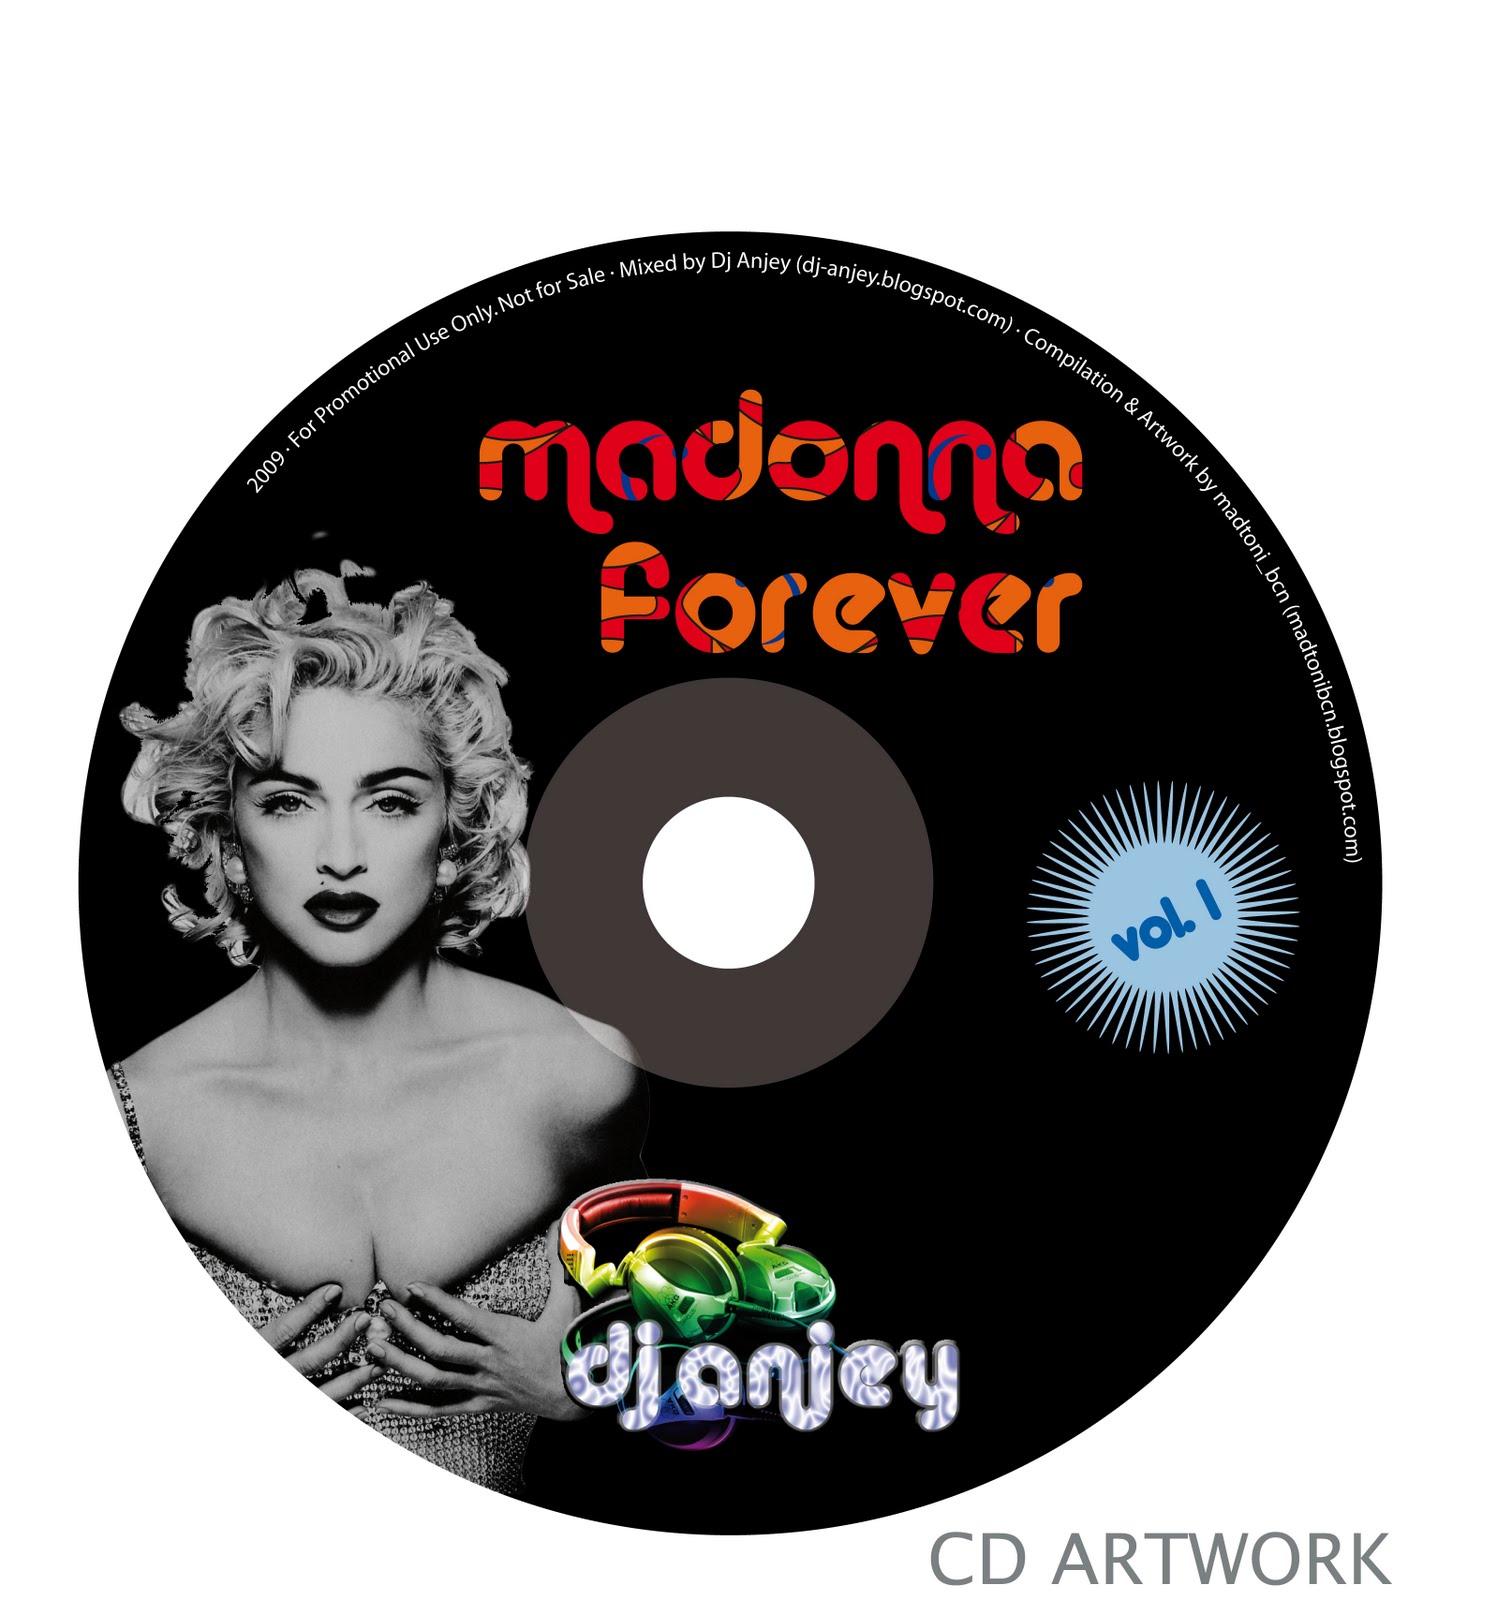 http://3.bp.blogspot.com/_vRs2plEQuCc/SwNdWcEsNSI/AAAAAAAABSw/hAJ8-siS3VU/s1600/Madonna+Forever+1+-+CD.jpg